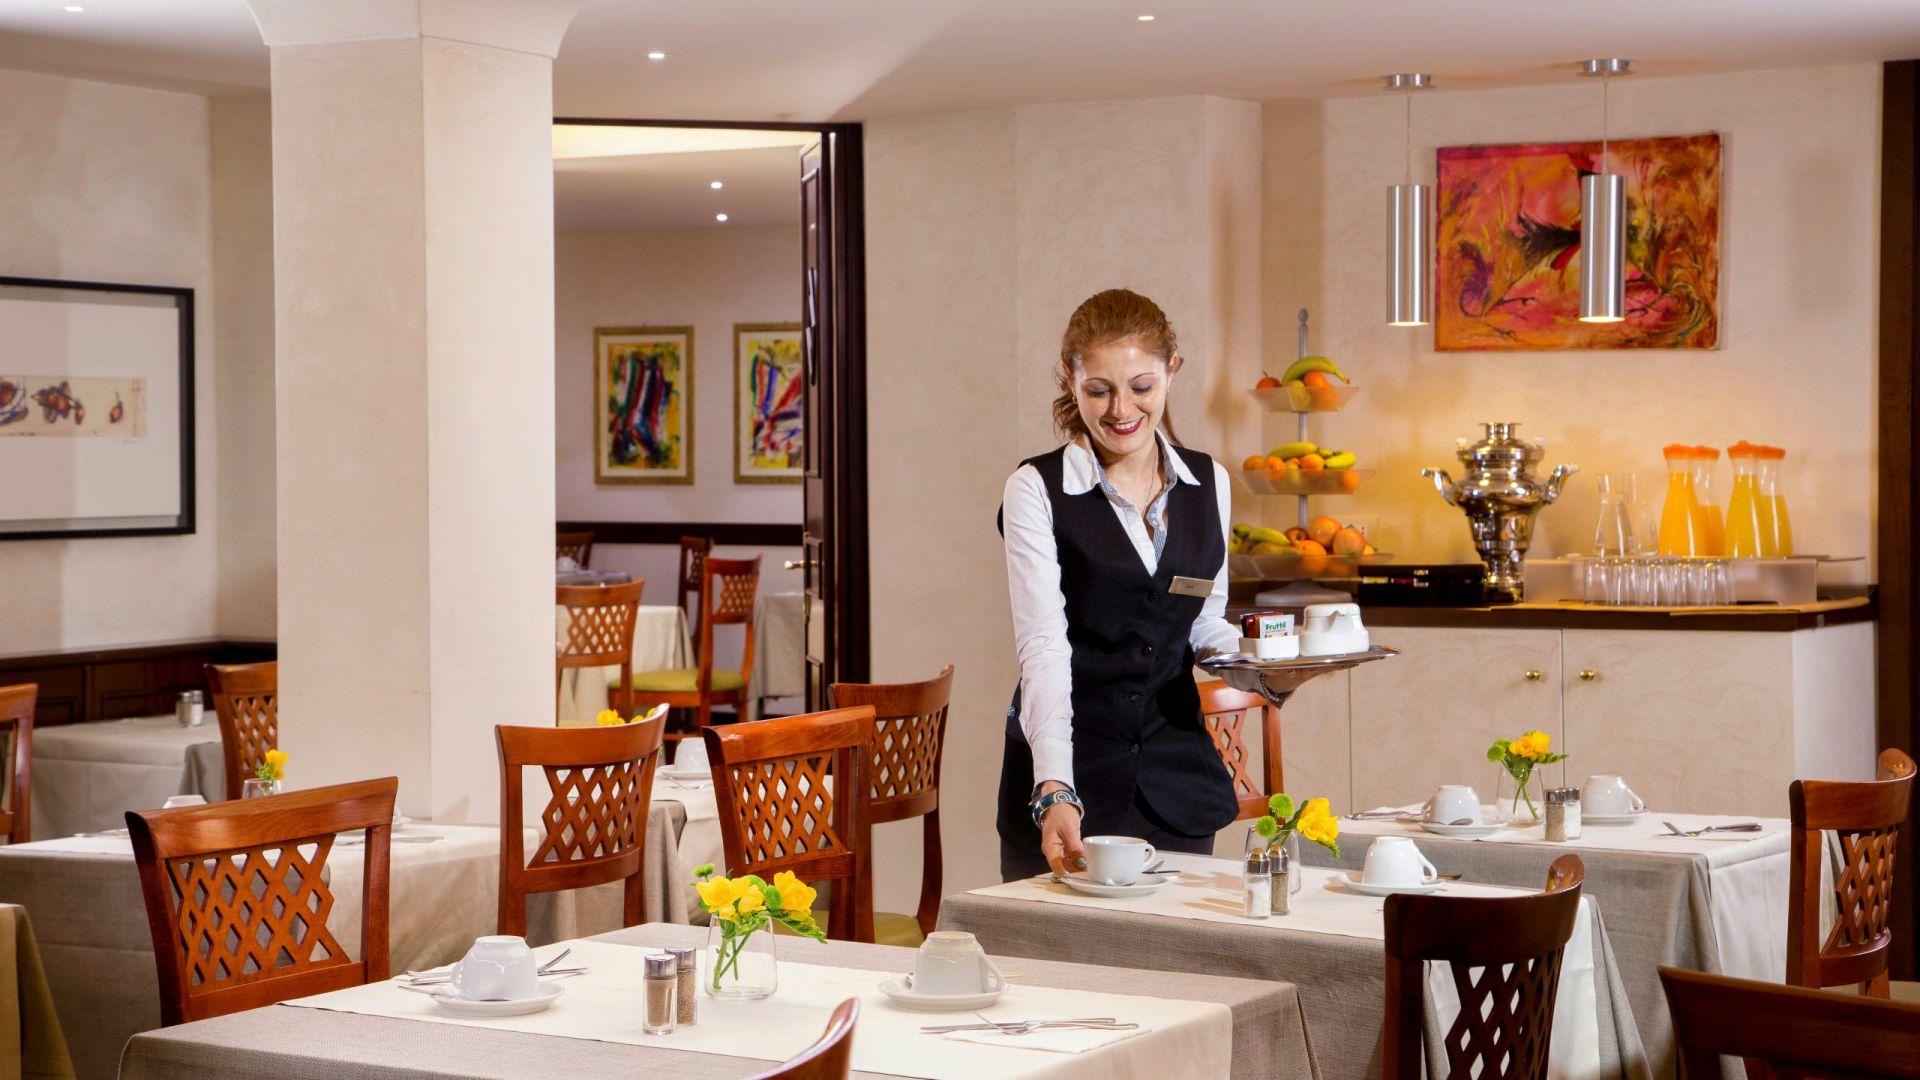 フォトホテル - オックスフォード - ローマ - レストラン-15